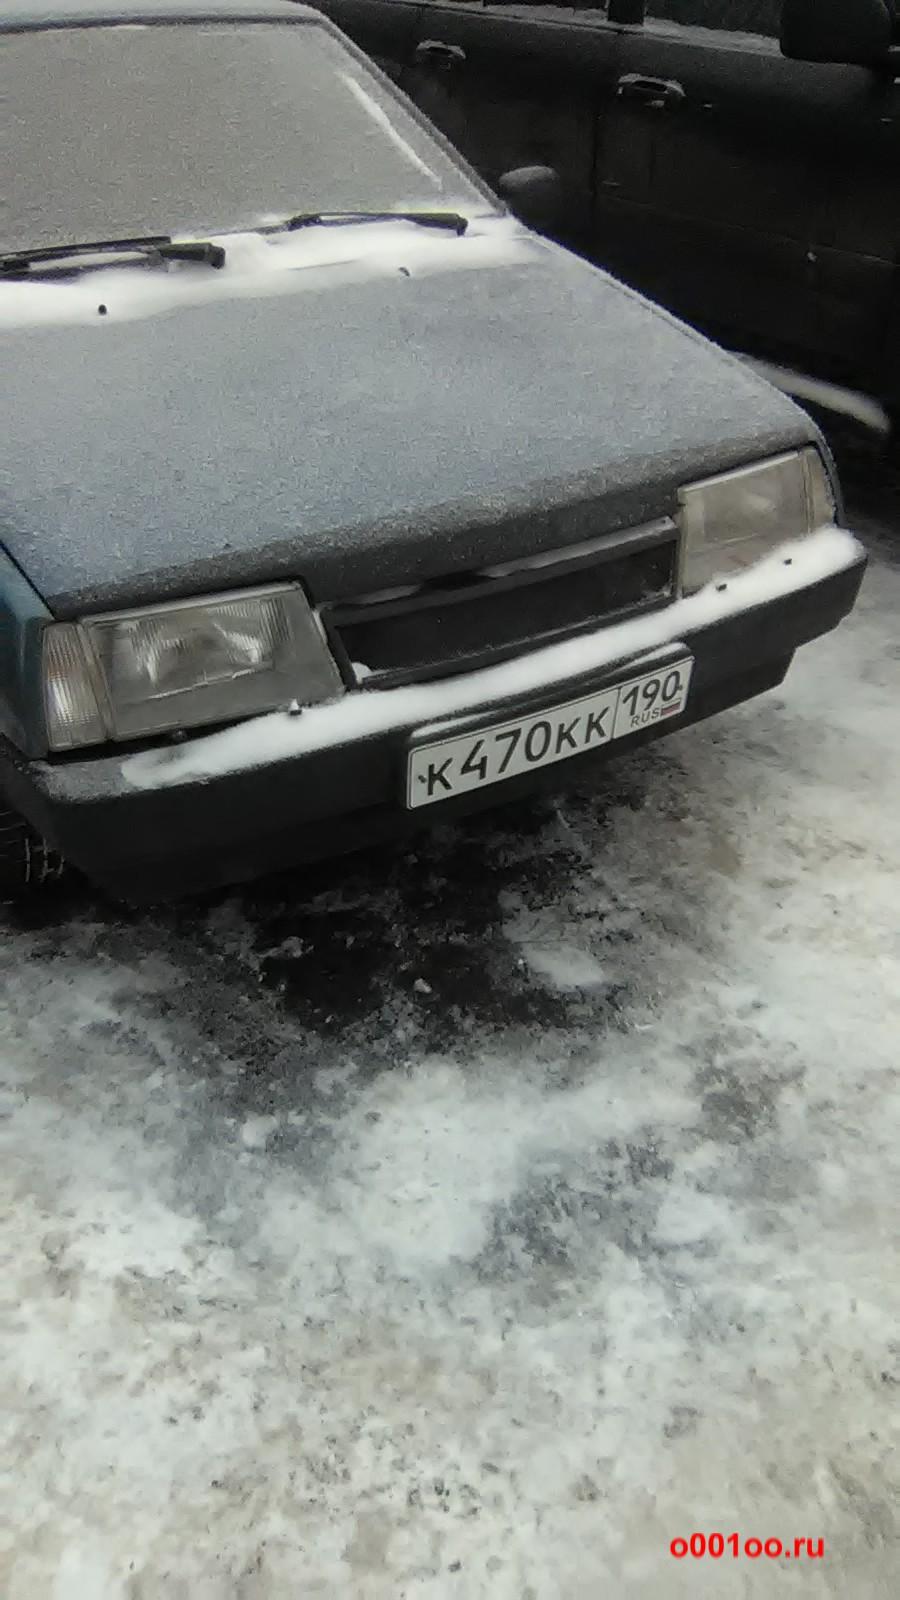 к470кк190